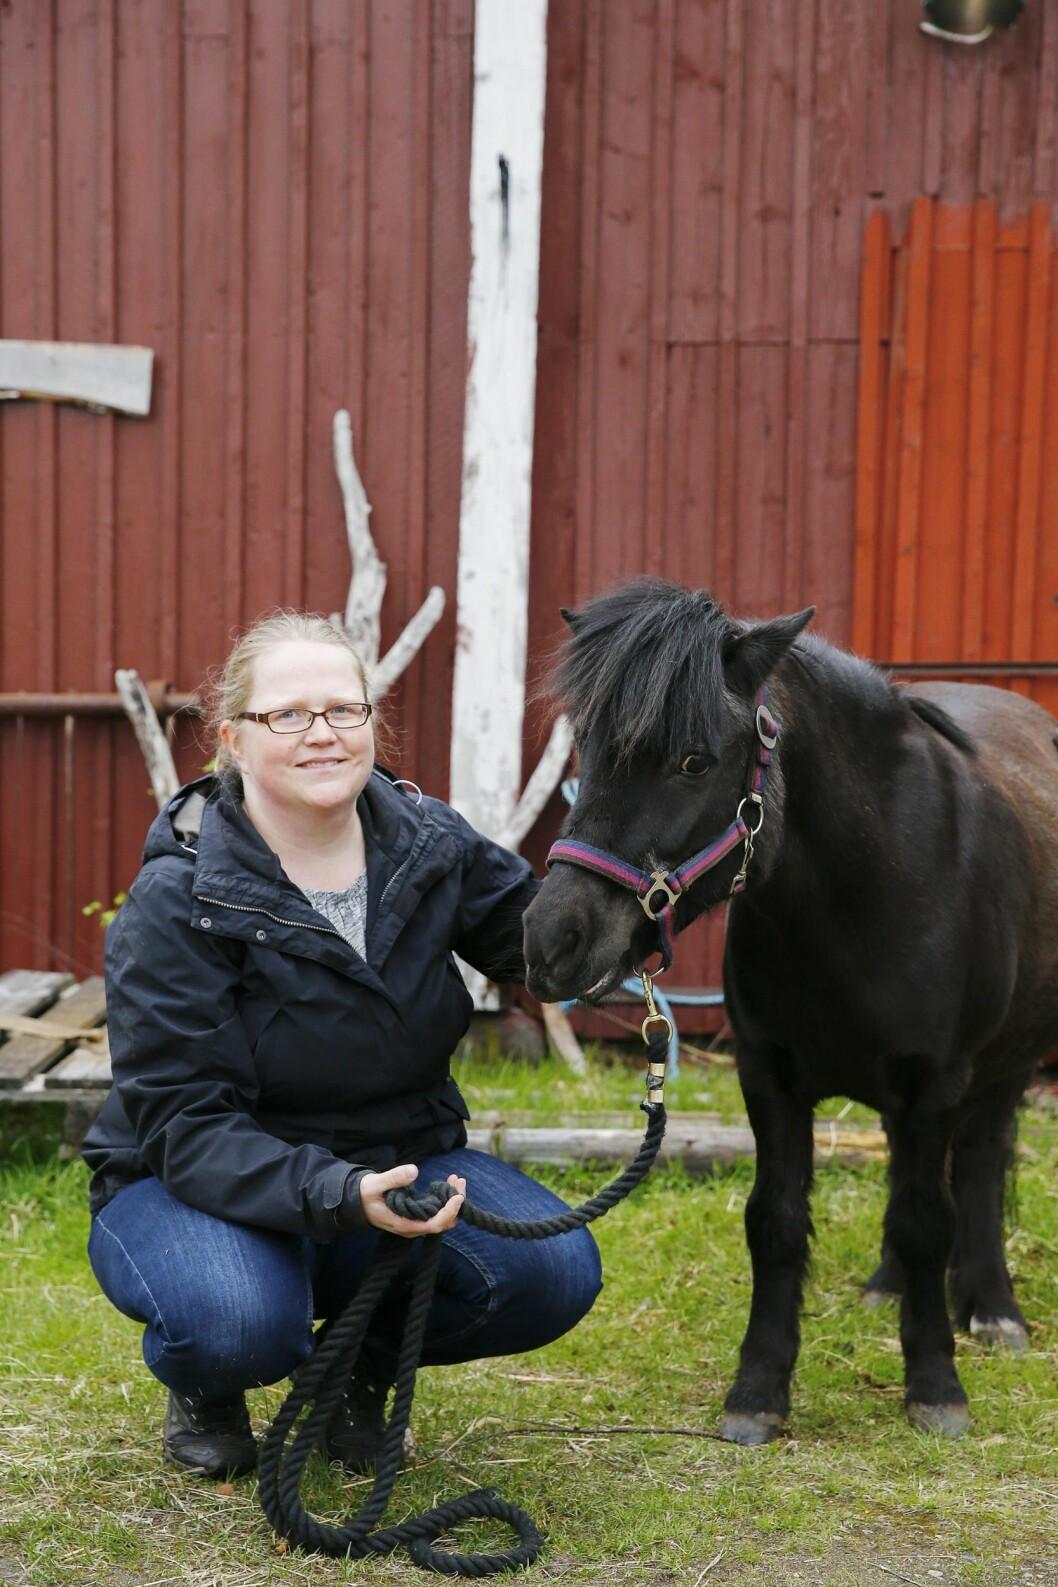 SJOKK: Ella og Pysen ble stjålet i en natt for ti år siden. Pysen er fremdeles borte, men Ella er kommet hjem til Linda. Foto: Petra Isaksson/All Over Press